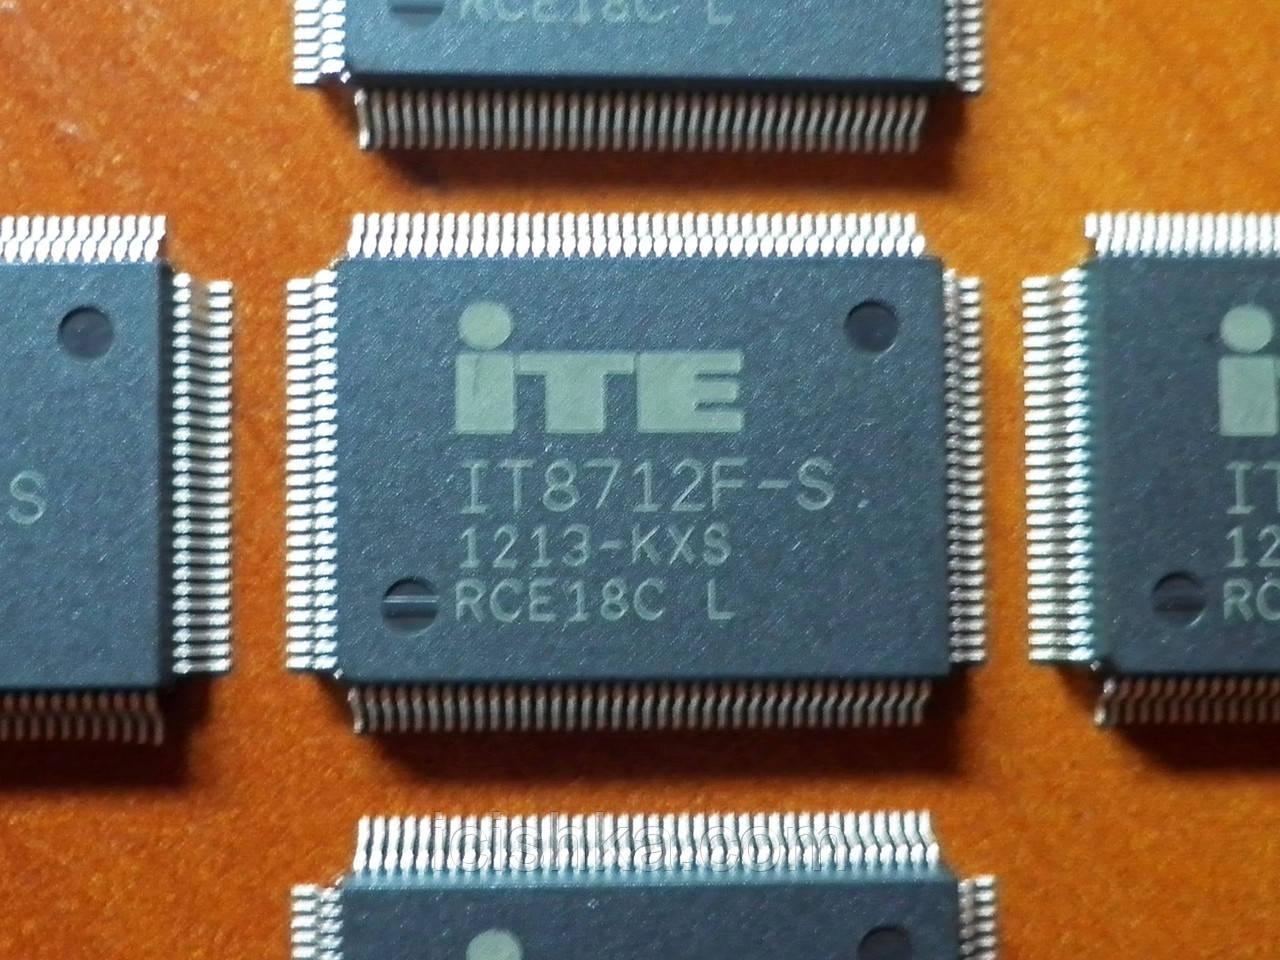 ITE IT8712F-S KXS - Мультиконтроллер